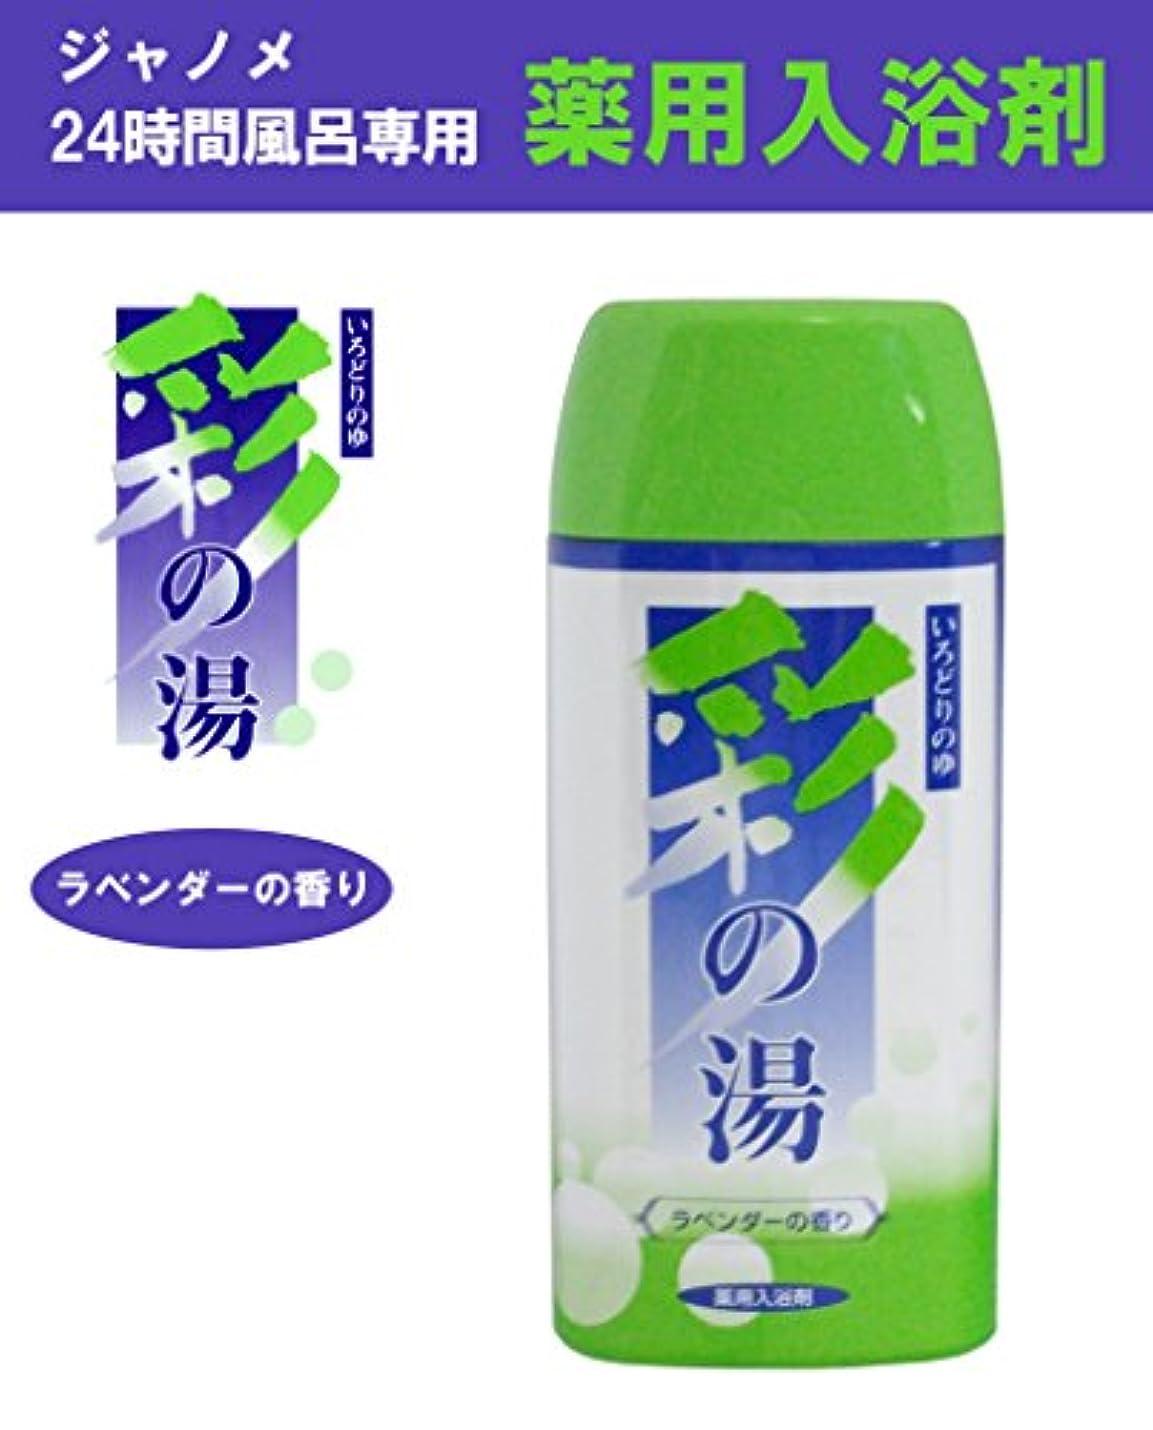 ナンセンス褒賞ハドルジャノメ 彩の湯 (24時間風呂専用 薬用入浴剤 ラベンダーの香り )